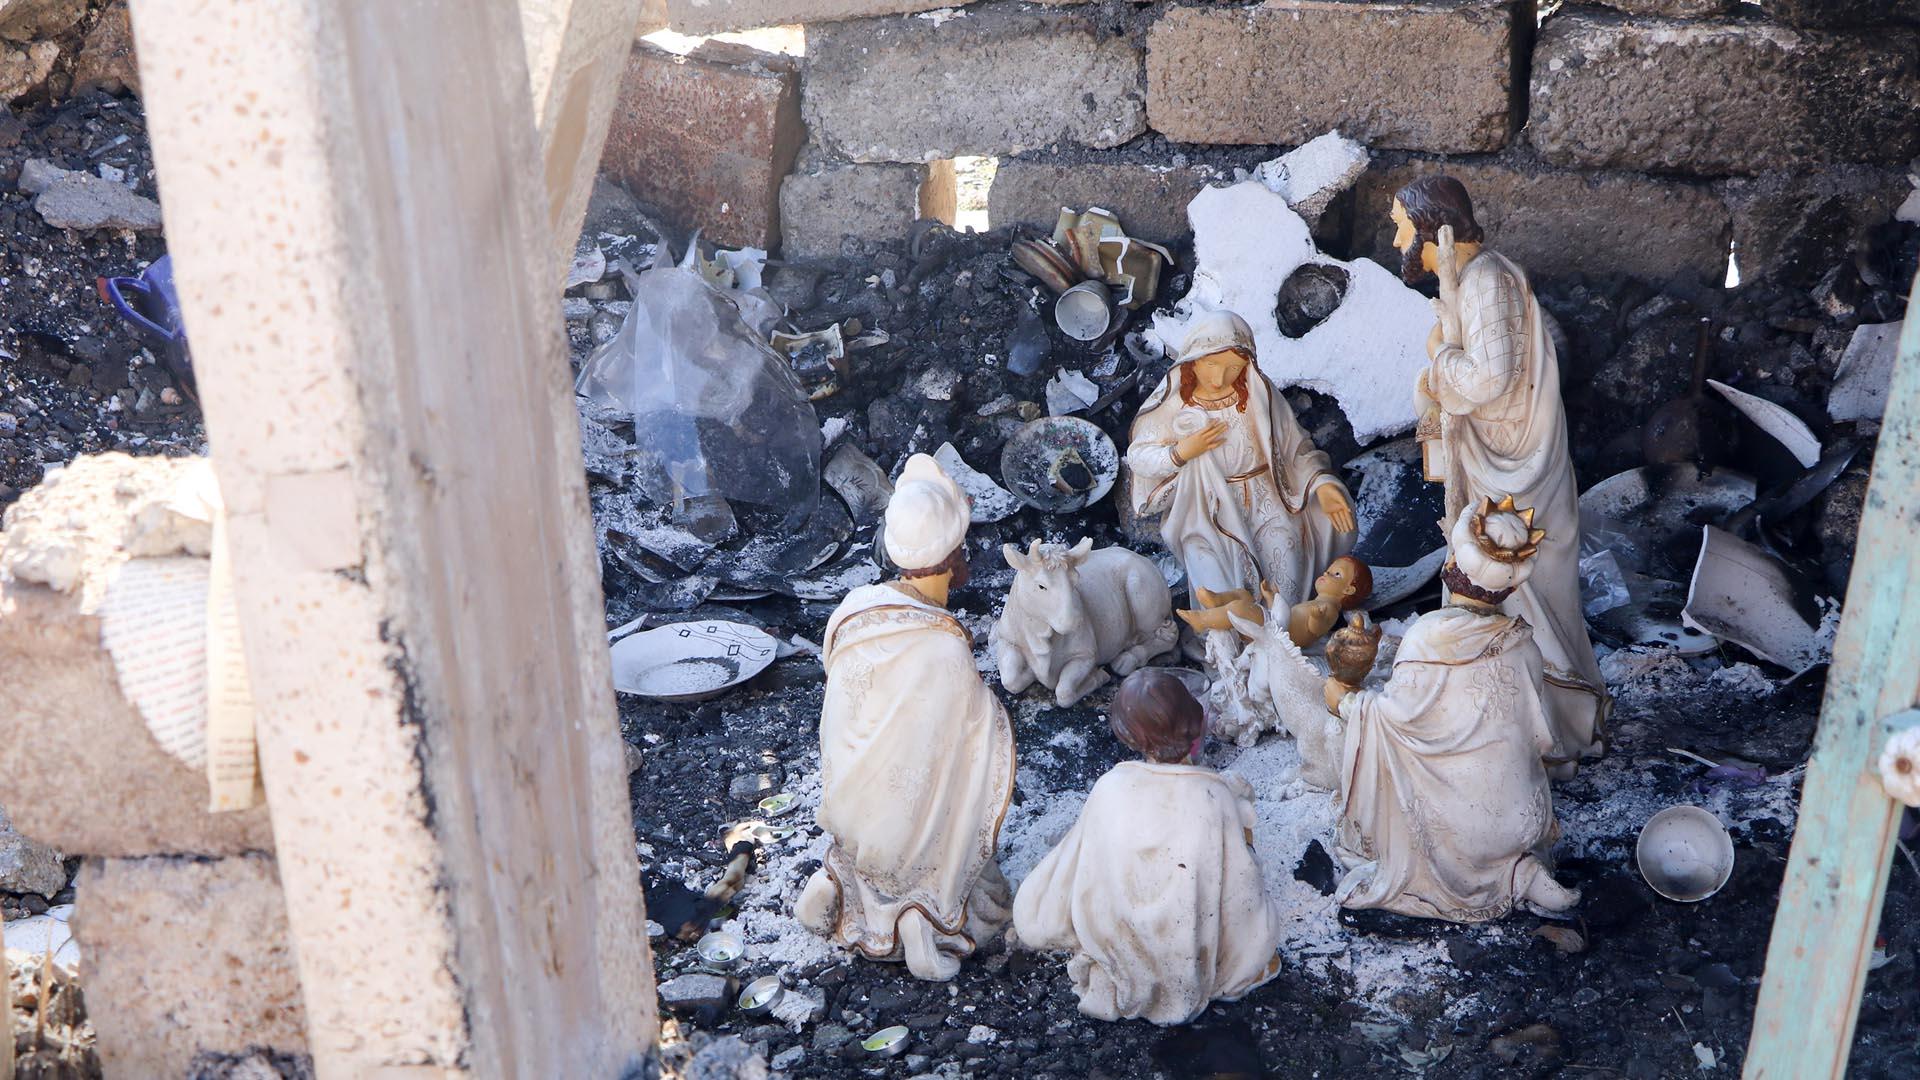 In den Resten eines Hauses im Irak sind Figuren der Weihnachtskrippe aufgebaut. Die Terrororganisation Islamischer Staat habe zwar an Einfluss verloren, aber nach wie vor verließen Christen das Land aus Angst und Perspektivlosigkeit, berichtet Open Doors.